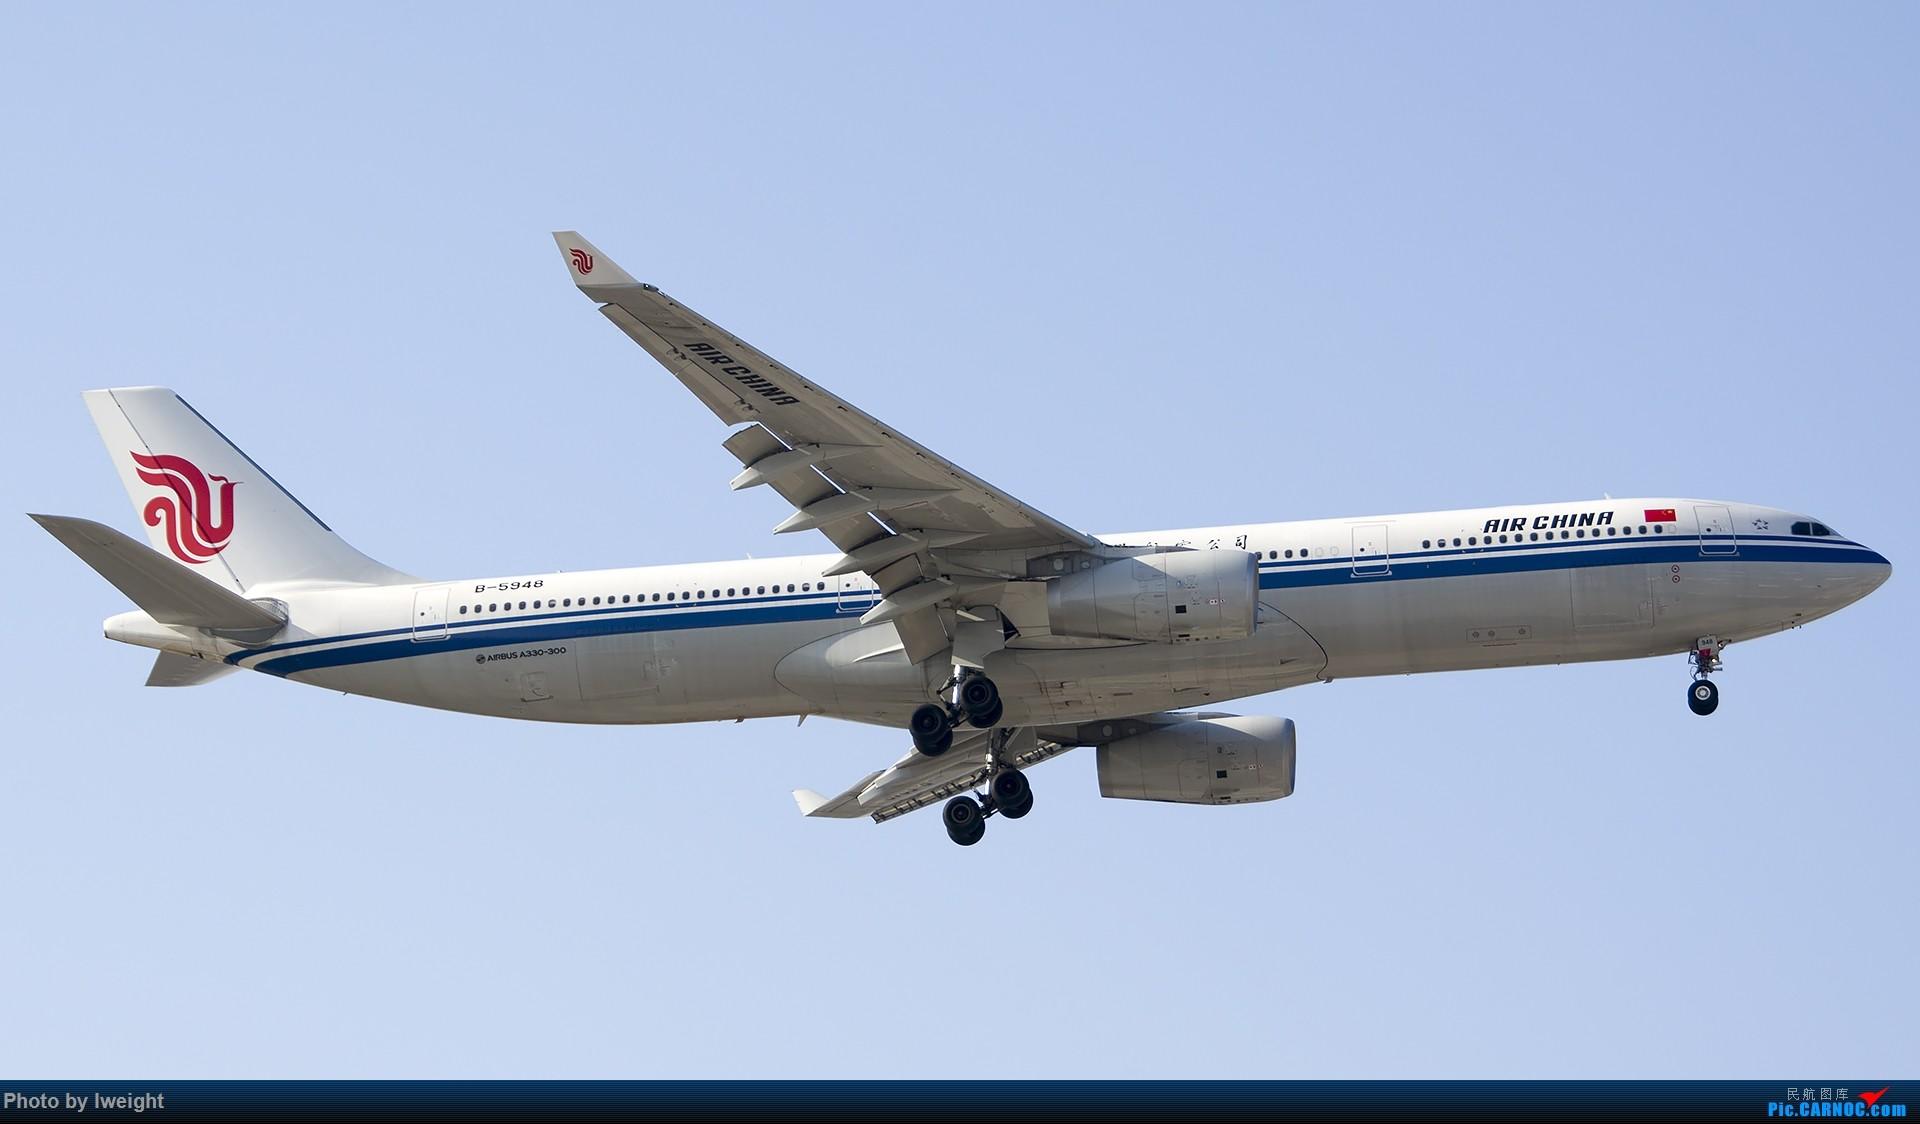 Re:[原创]2014-12-02 ZBAA随拍 AIRBUS A330-300 B-5948 中国北京首都国际机场